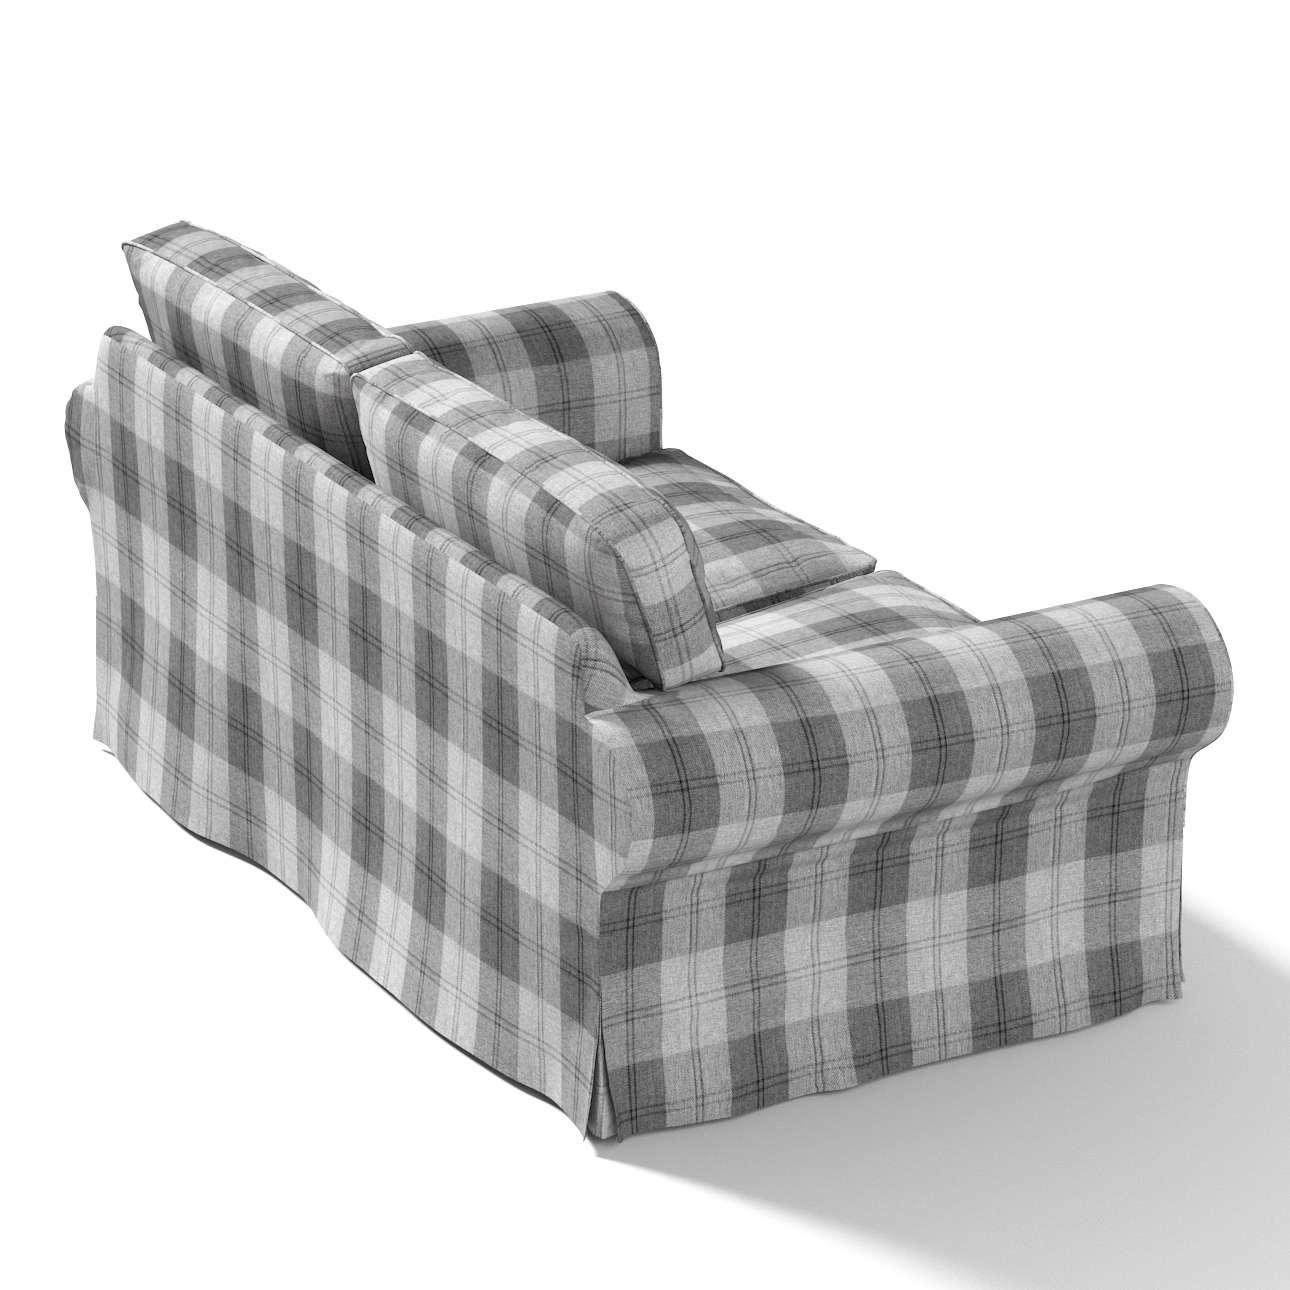 IKEA hoes voor Ektorp 2-zits slaapbank - NIEUW model van de collectie Edinburgh, Stof: 115-75